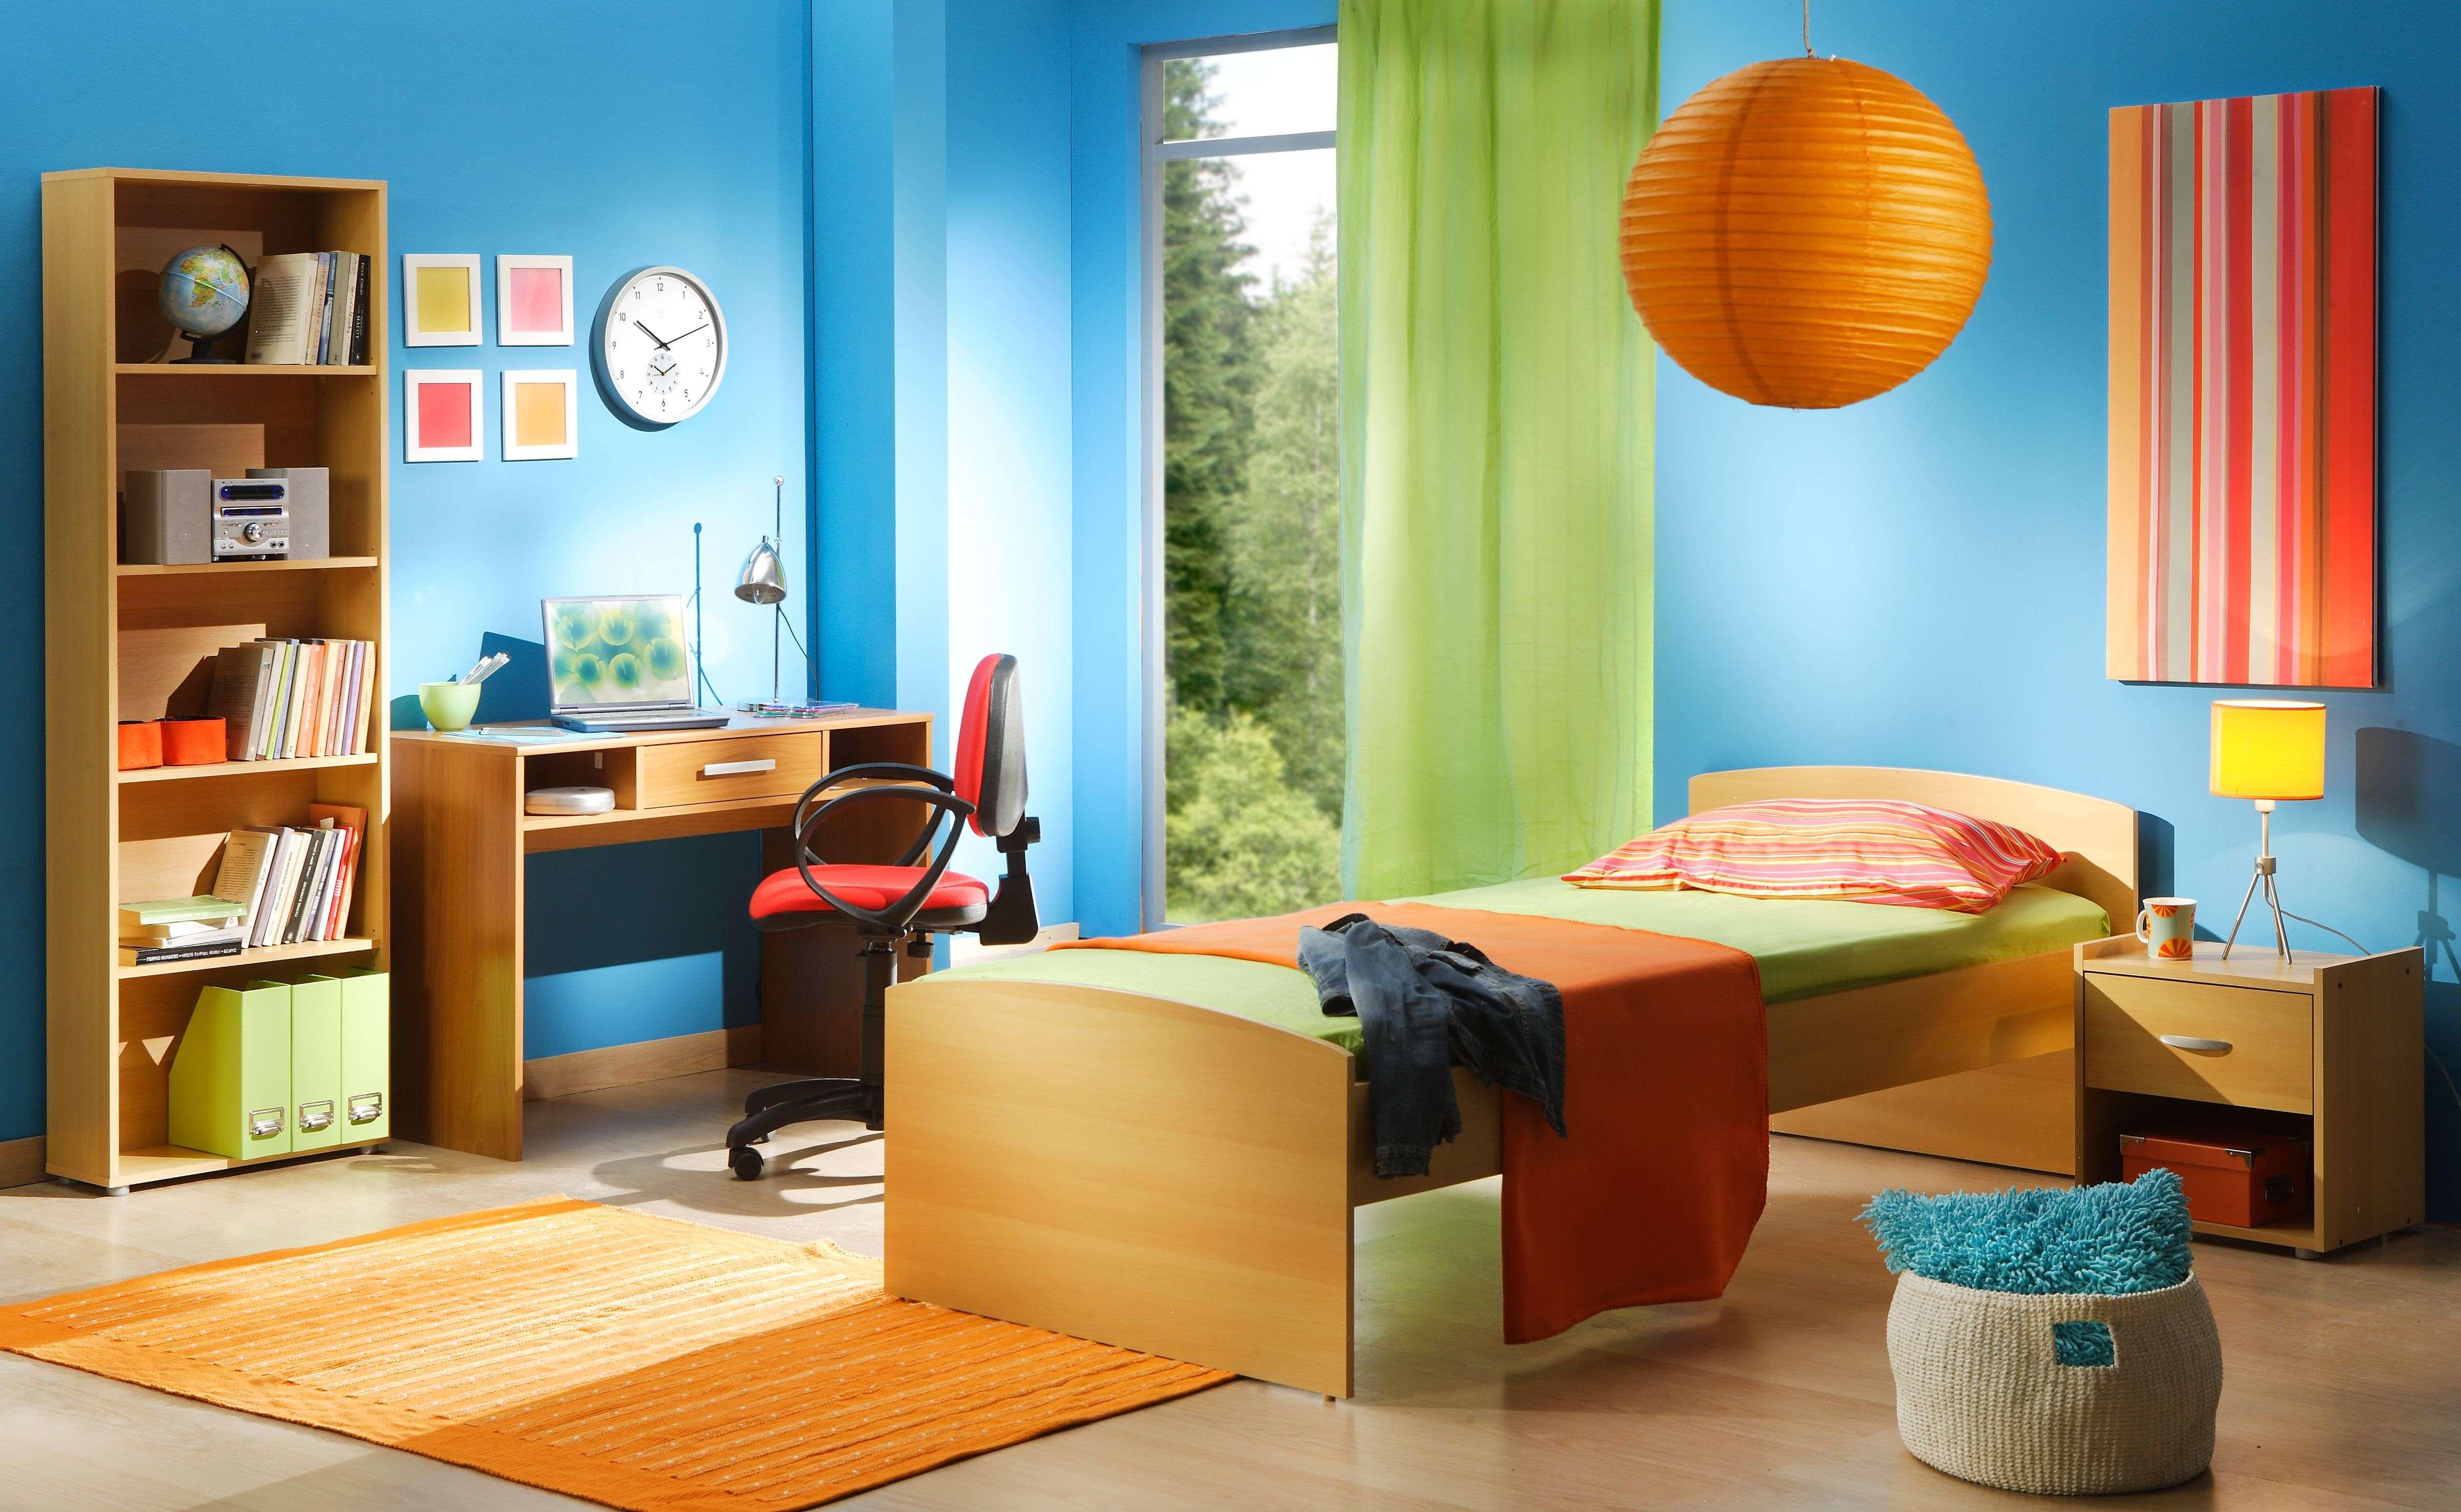 Cómo elegir el mobiliario para una habitación infantil